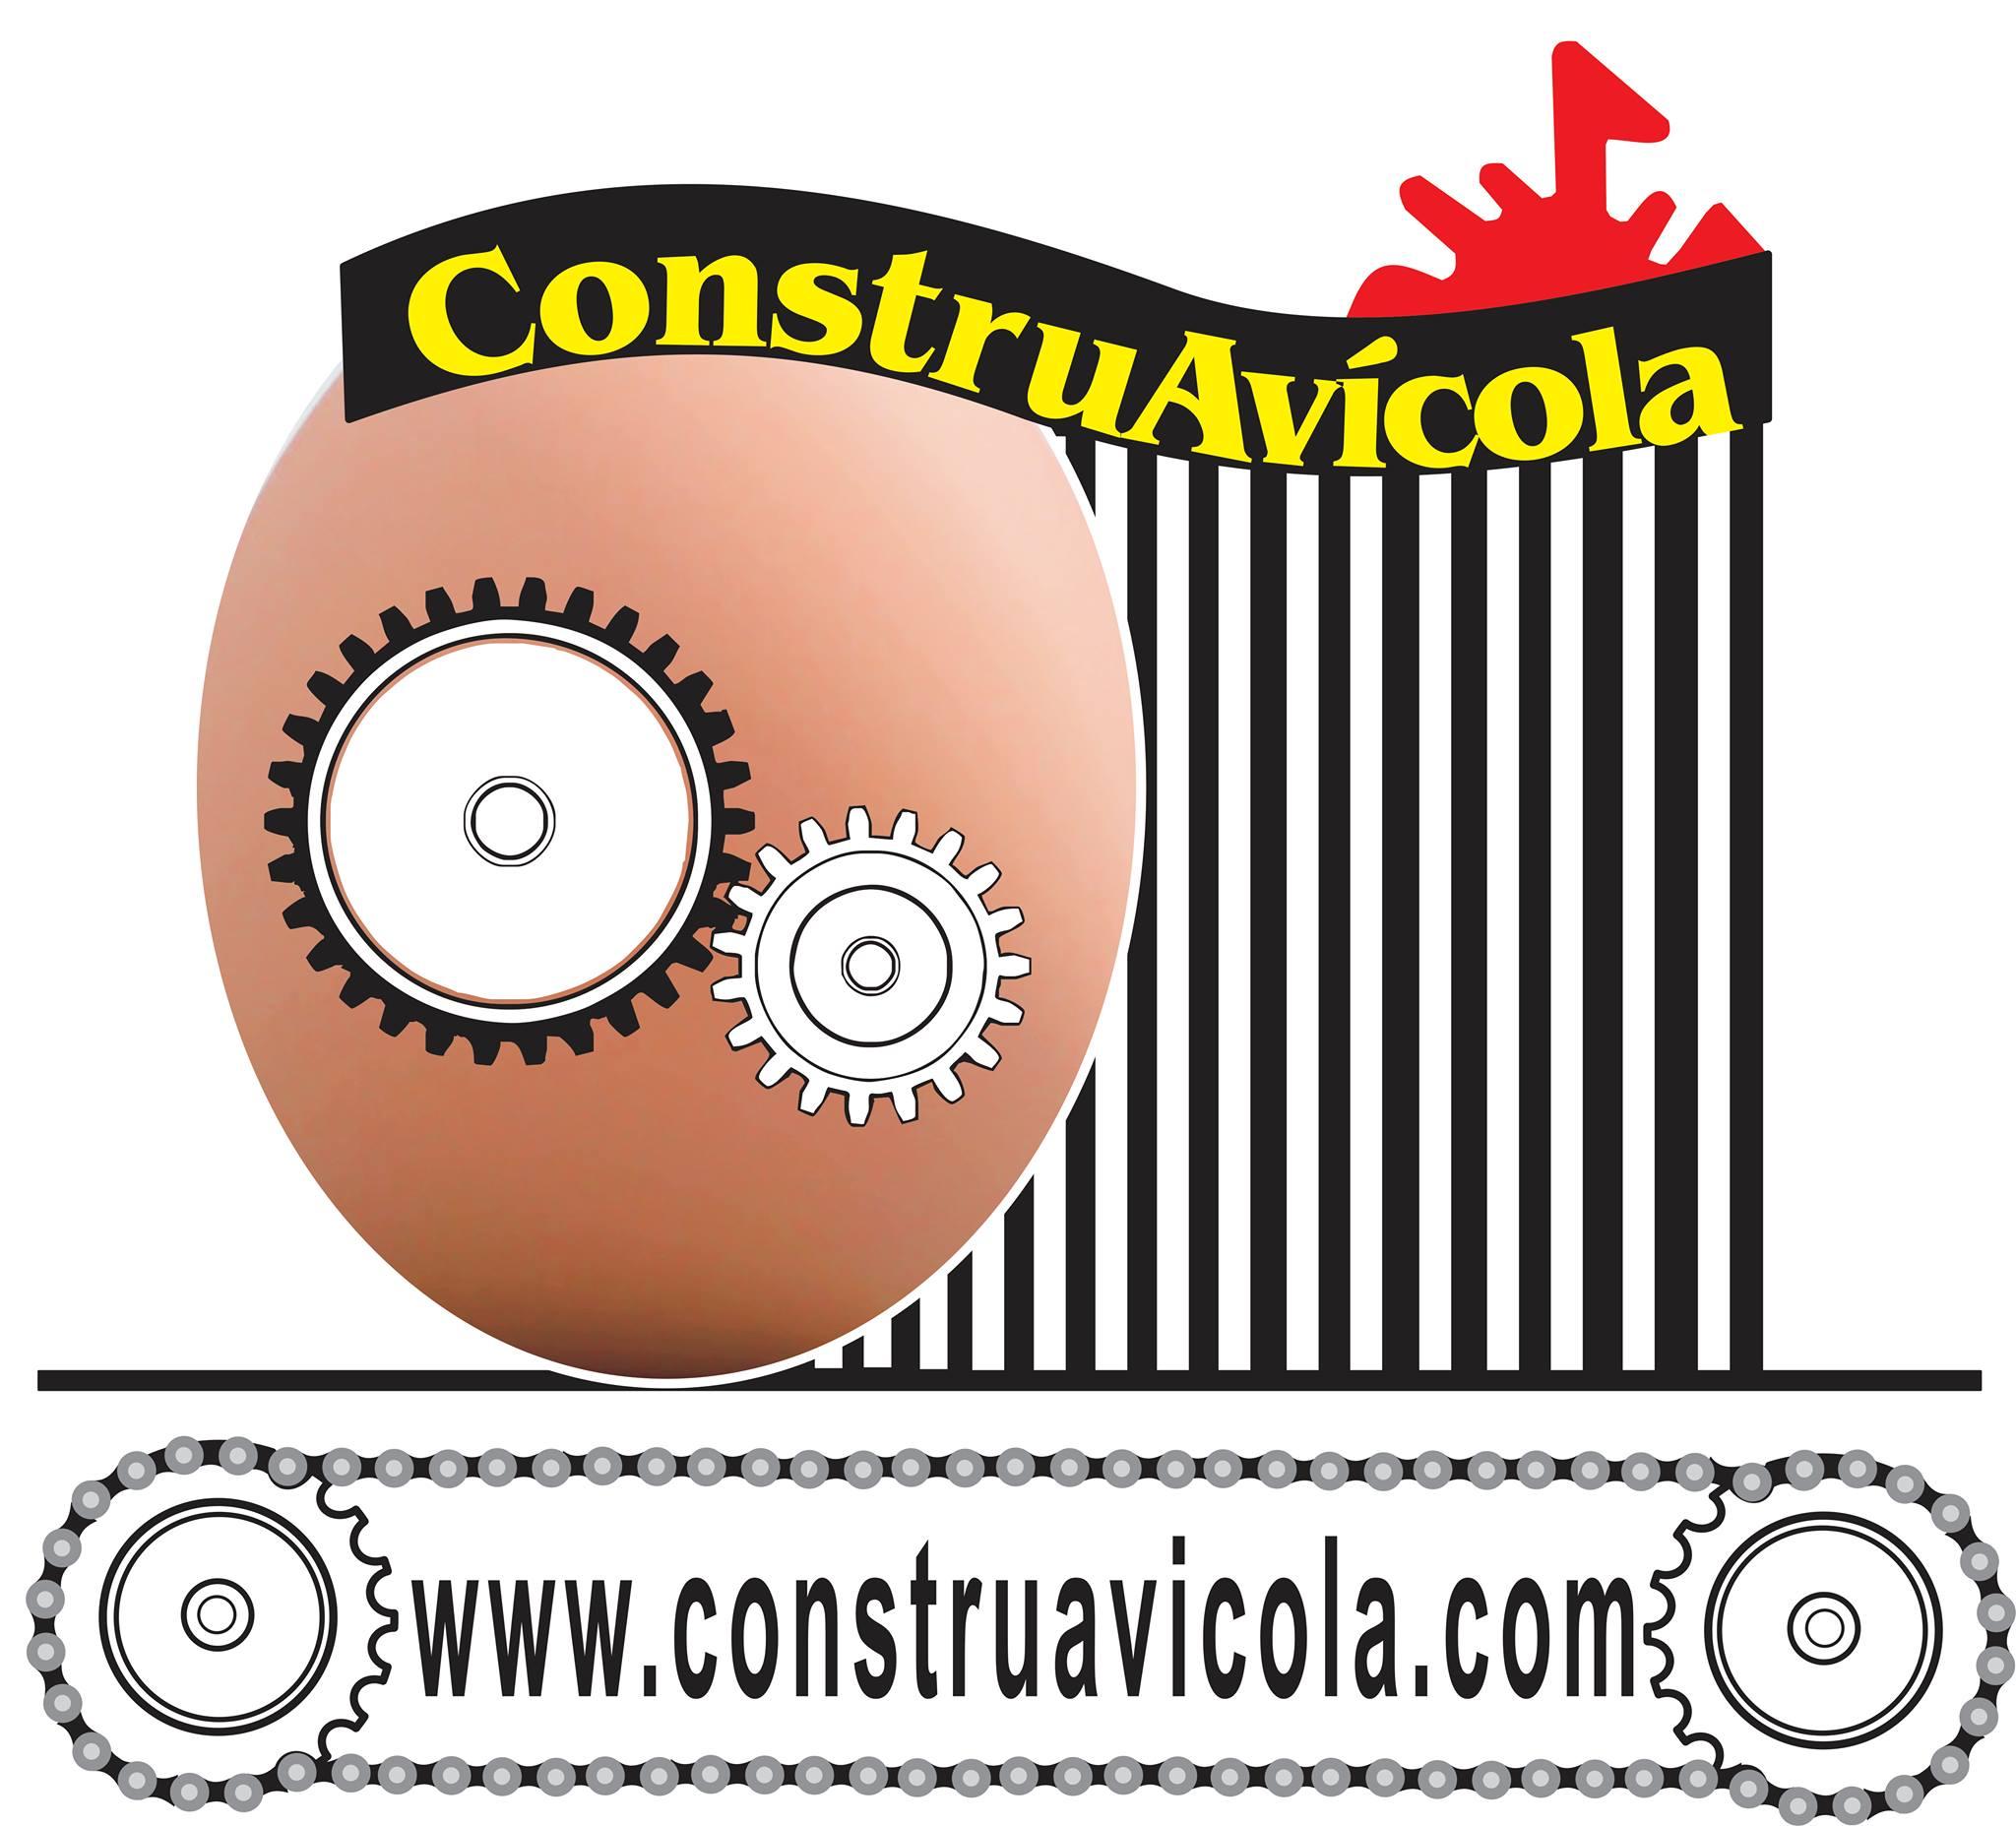 CONSTRUAVICOLA SAS